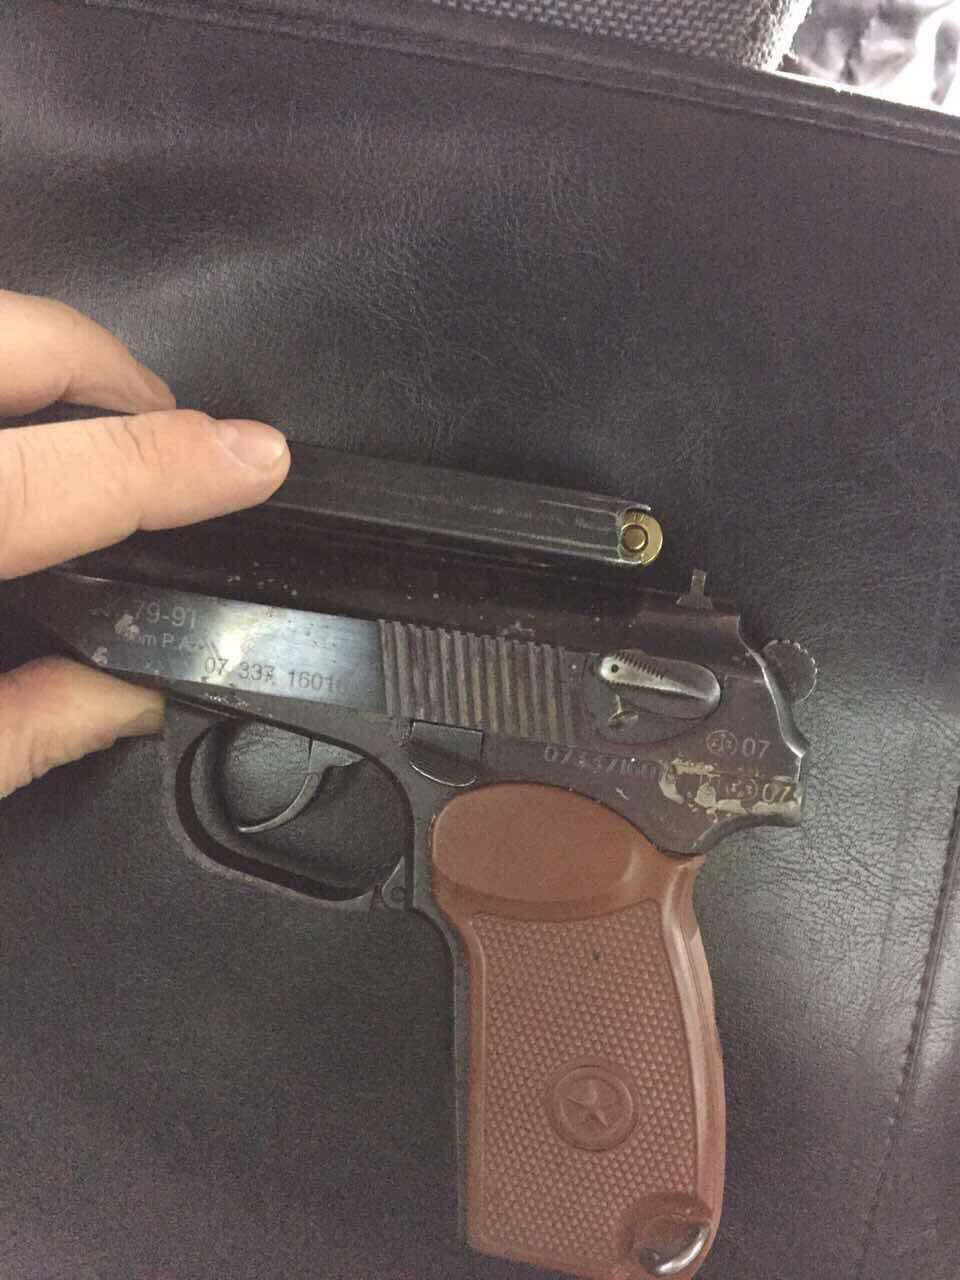 На площади Победы ГИБДД задержала бородача с пистолетом (Иллюстрация 1 из 1)